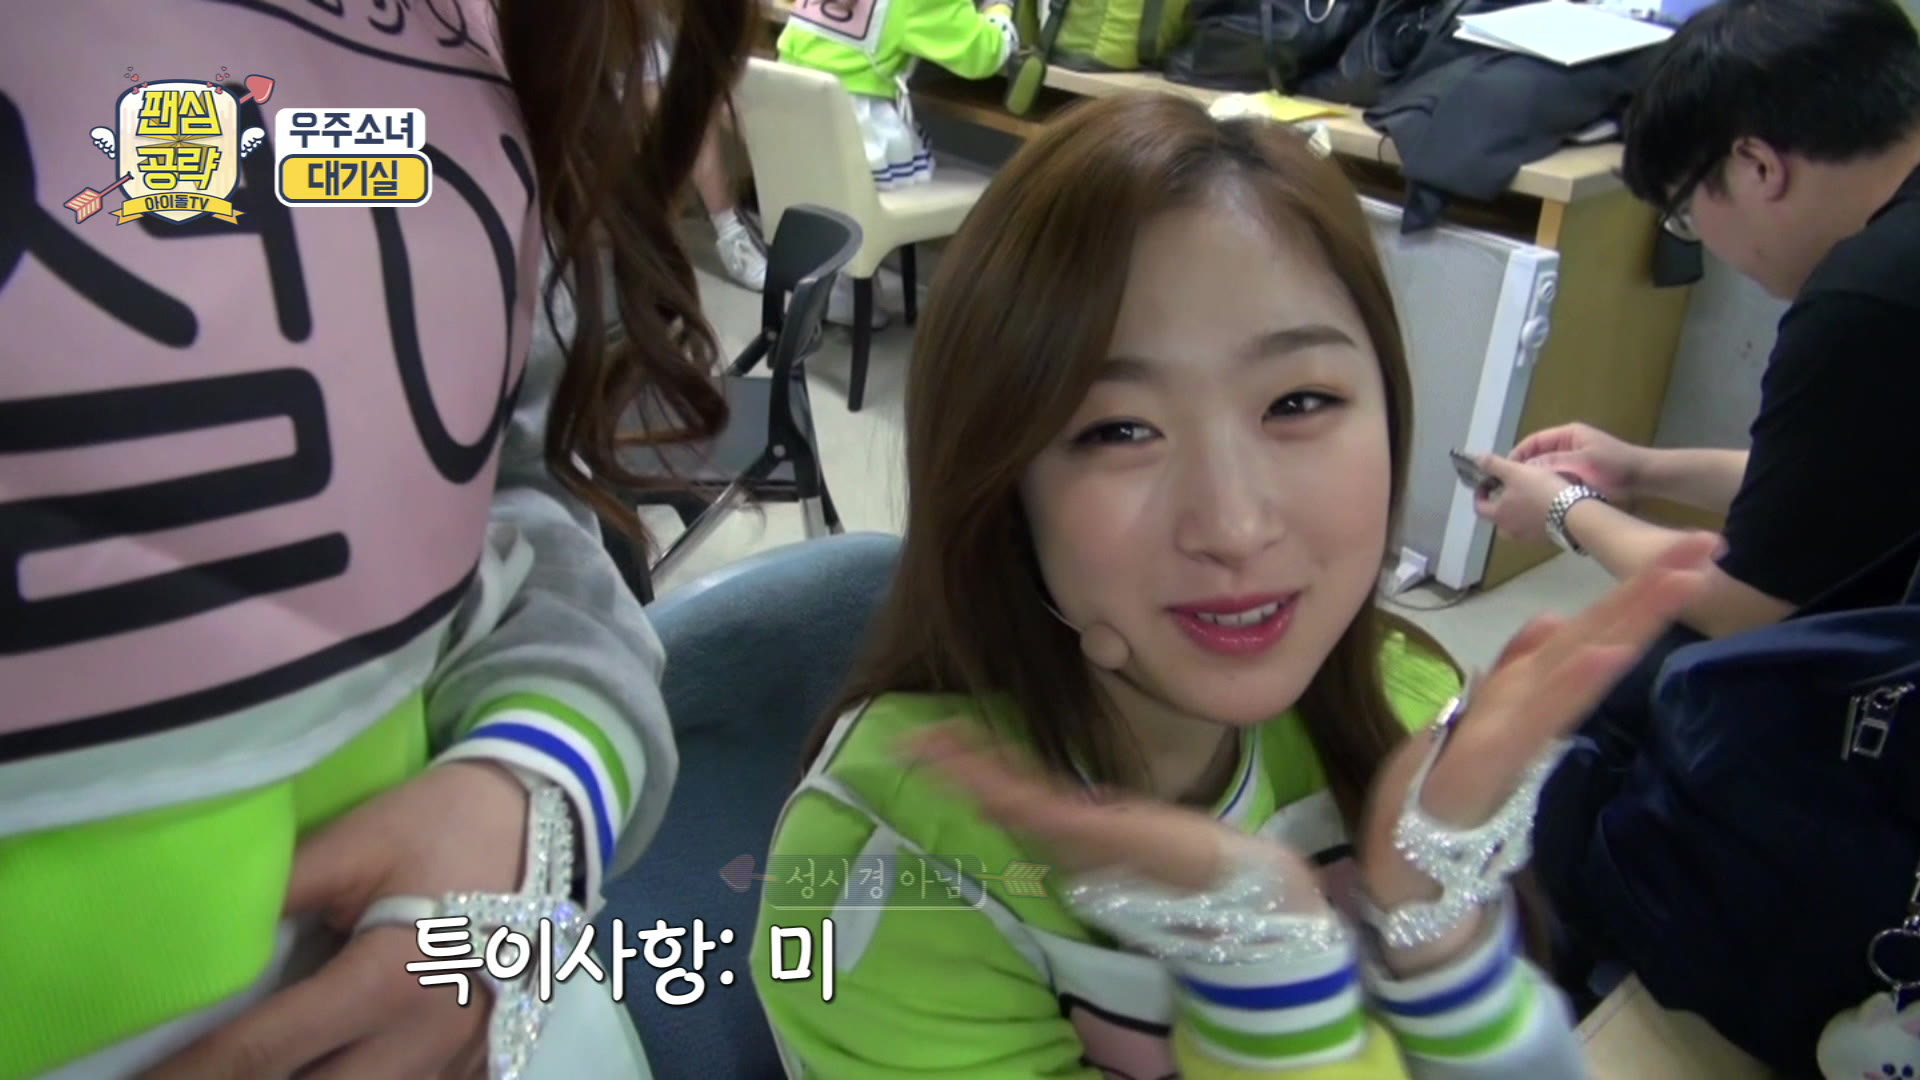 Fan Heart Attack Idol TV - 팬심공략 아이돌TV - Watch Full Episodes